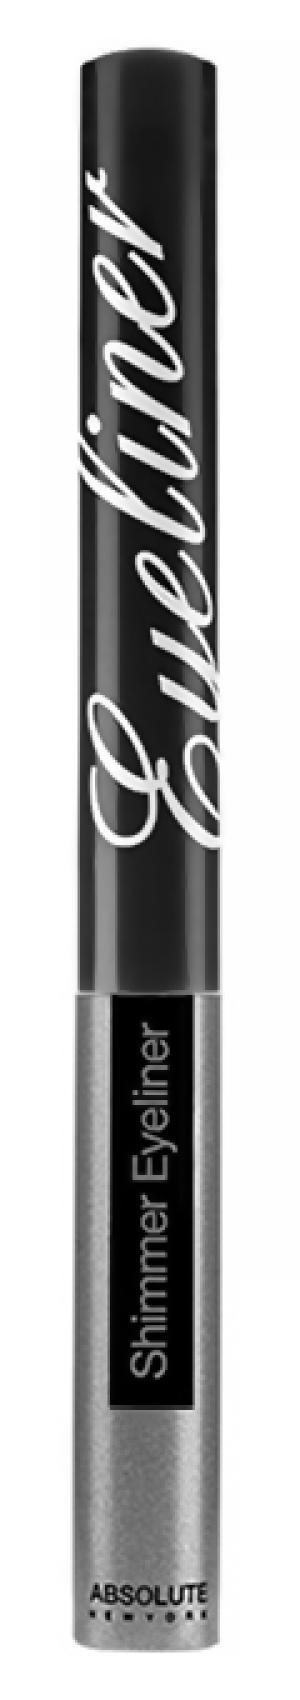 Подводка Absolute New York NF013 Silver. Цвет: nf013 silver